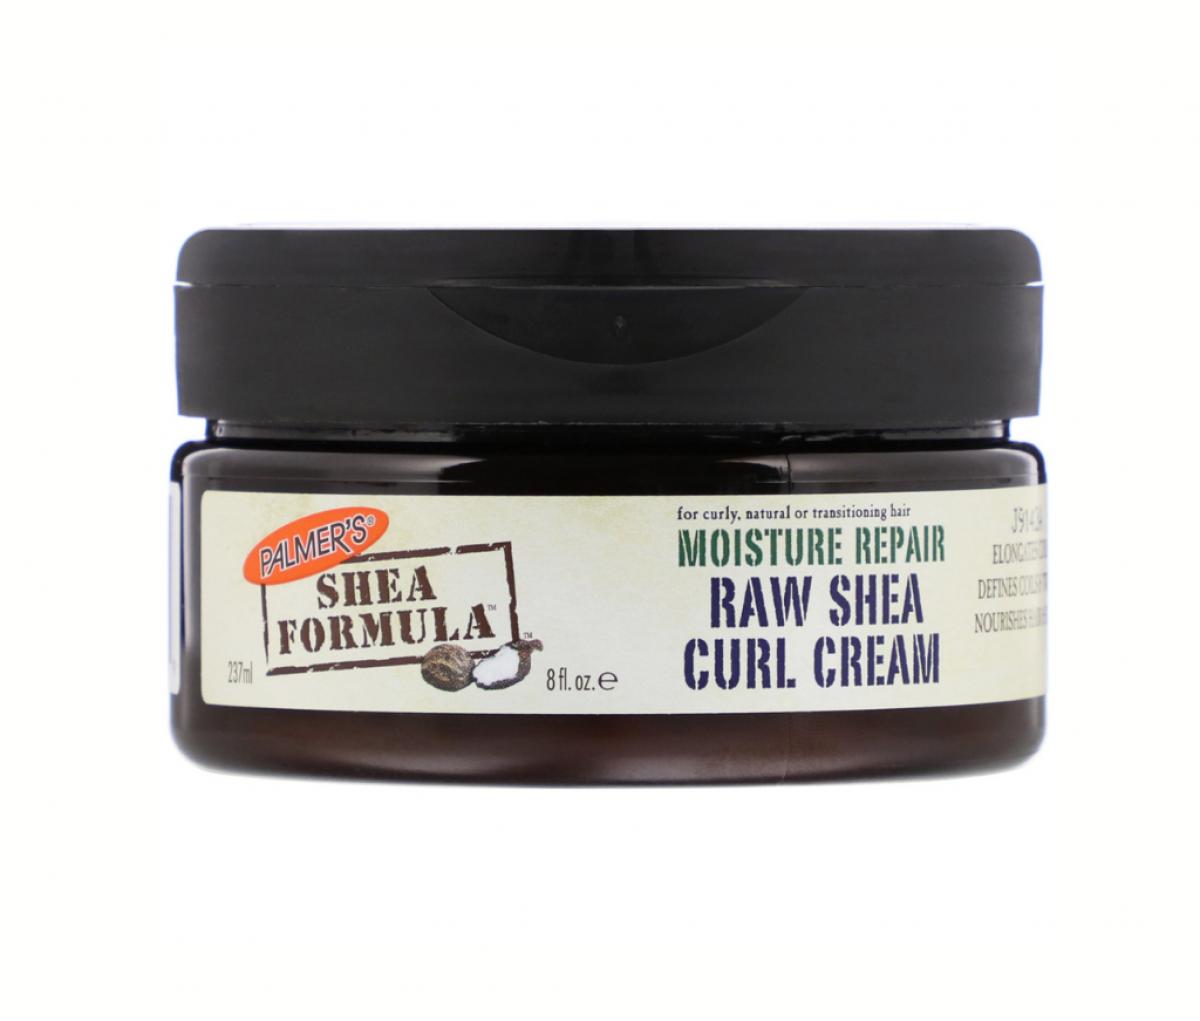 Palmers shea formula curl cream